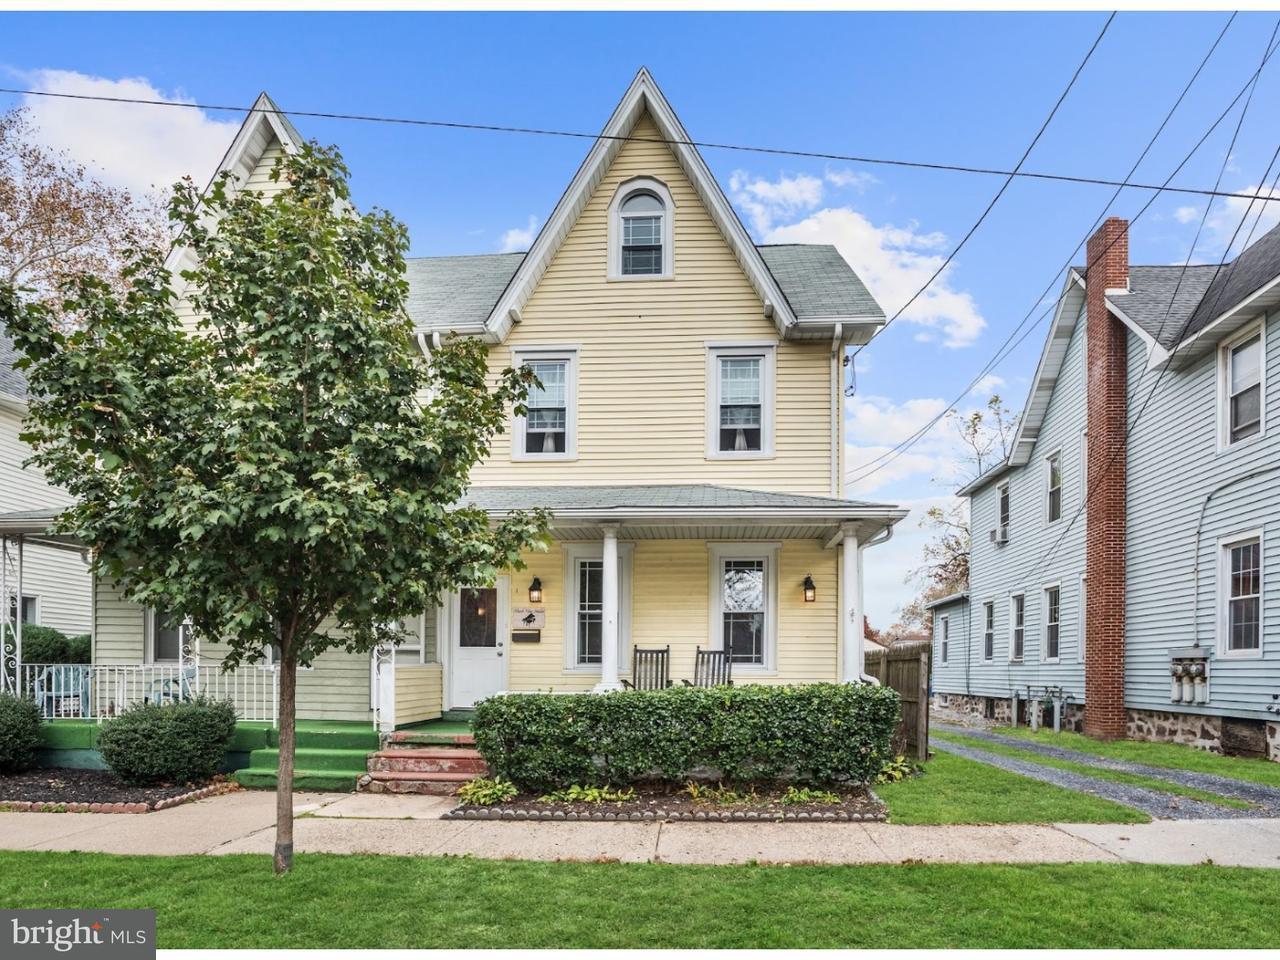 Casa unifamiliar adosada (Townhouse) por un Venta en 515 HOWARD Street Riverton, Nueva Jersey 08077 Estados Unidos